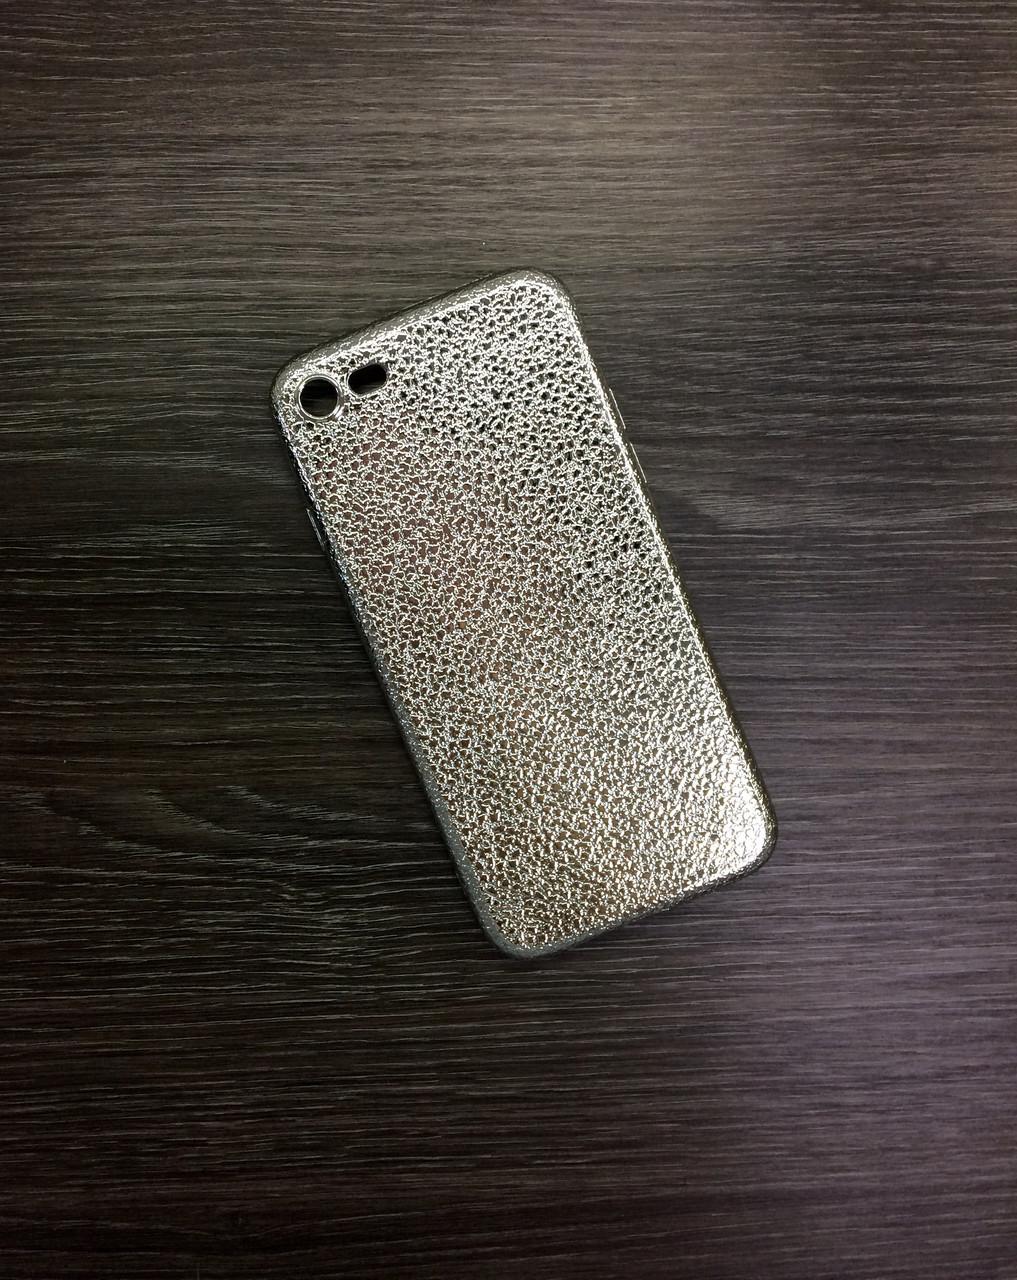 Чехол для iPhone 7 / 8 серебро под кожу